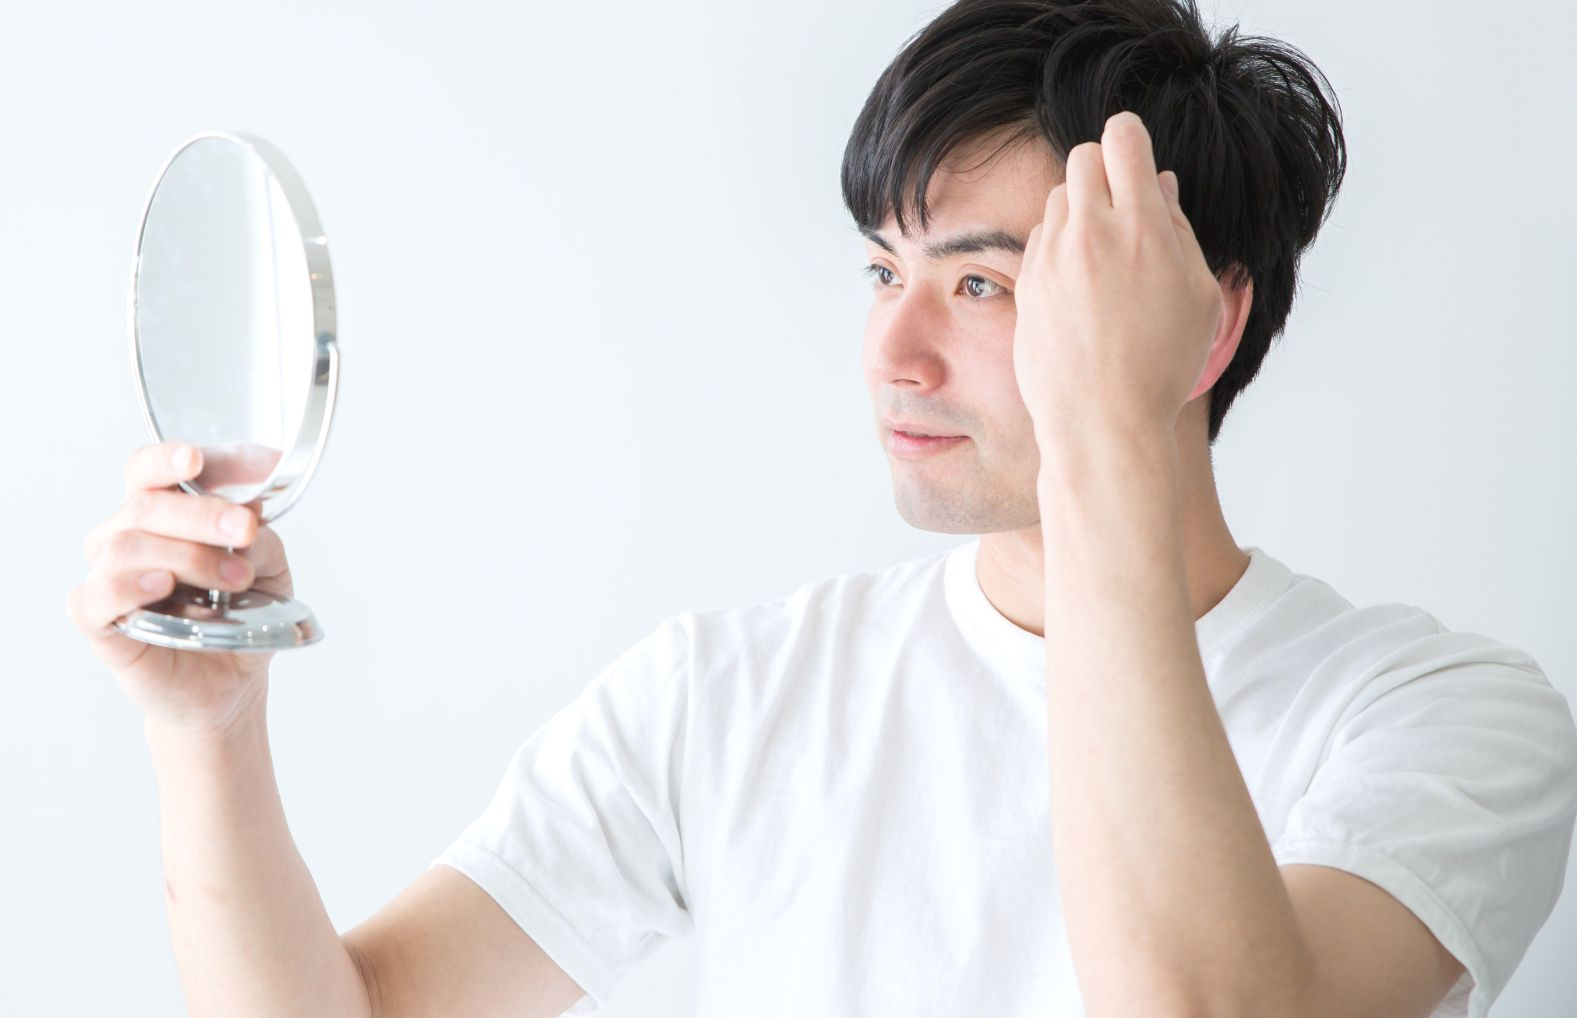 【AGA基礎知識】AGA(男性型脱毛症)の原因とは…?